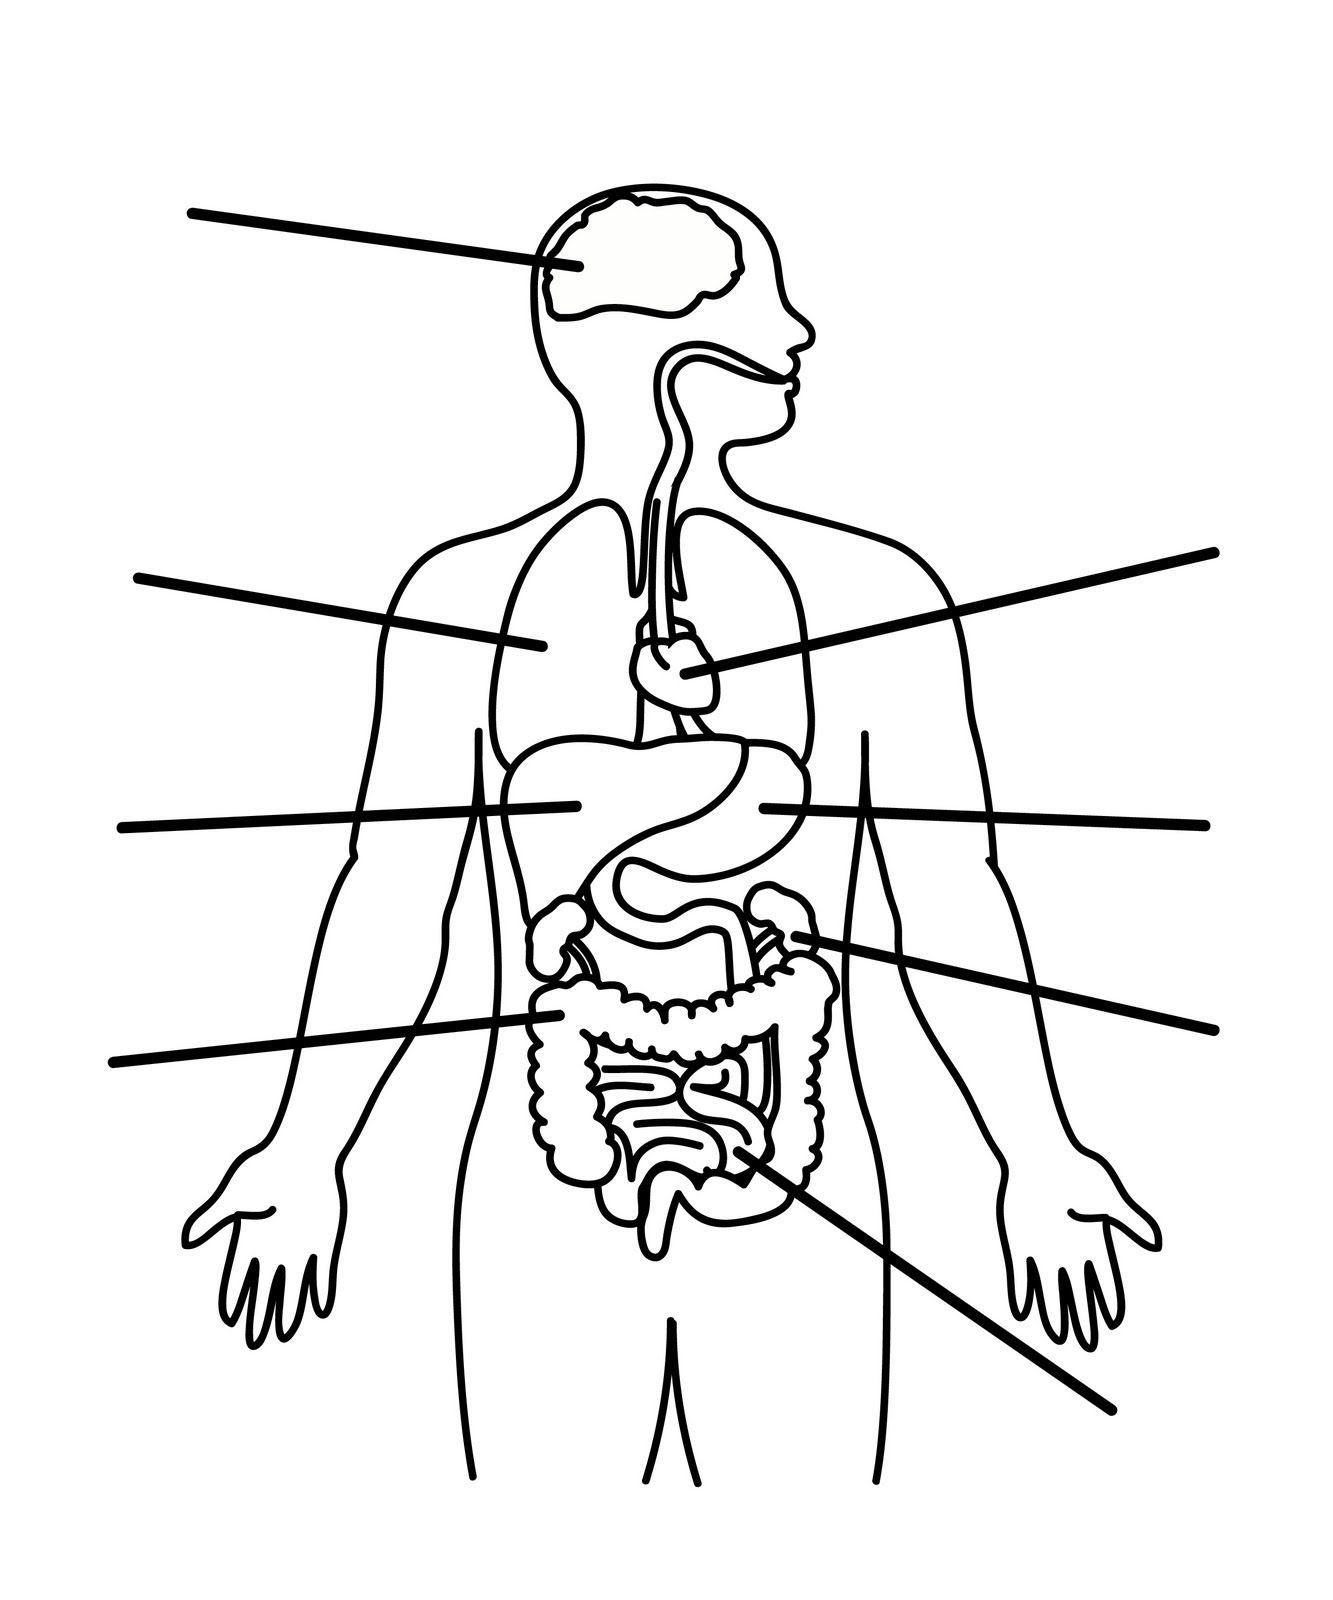 Human Body Kids Worksheet